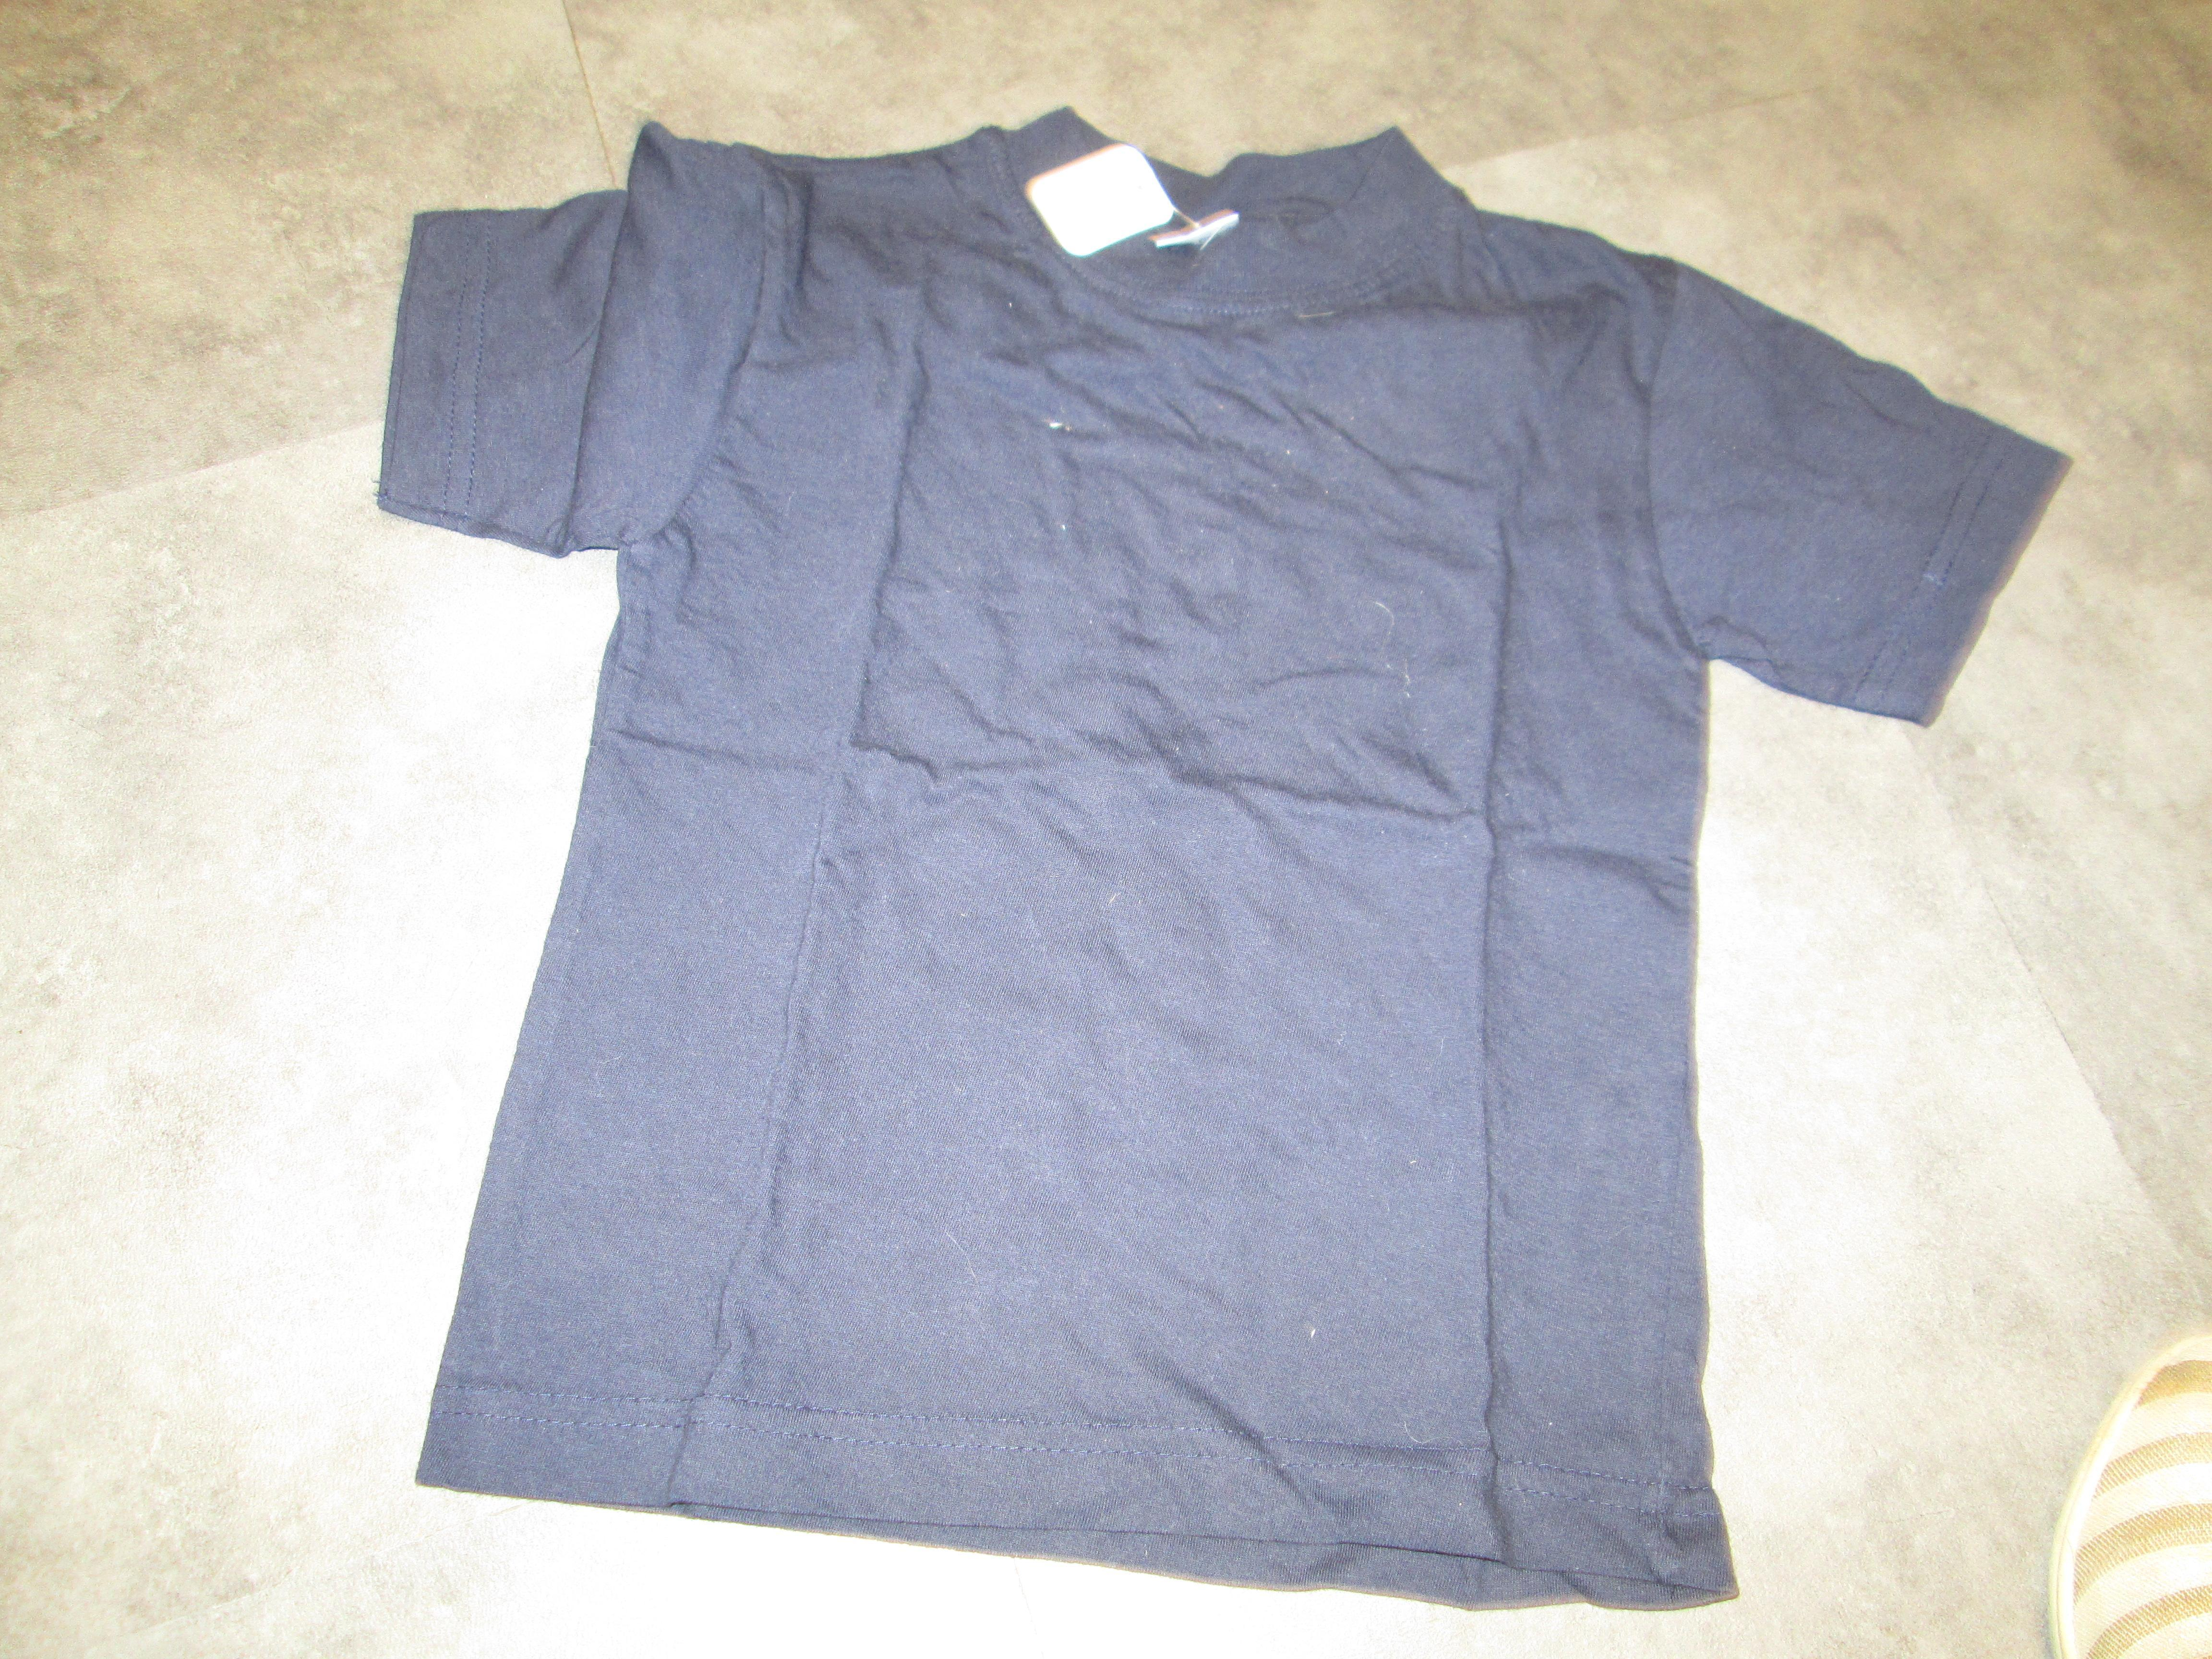 troc de troc tee  shirt  bleu marine 3 ans 3 noisettes image 0